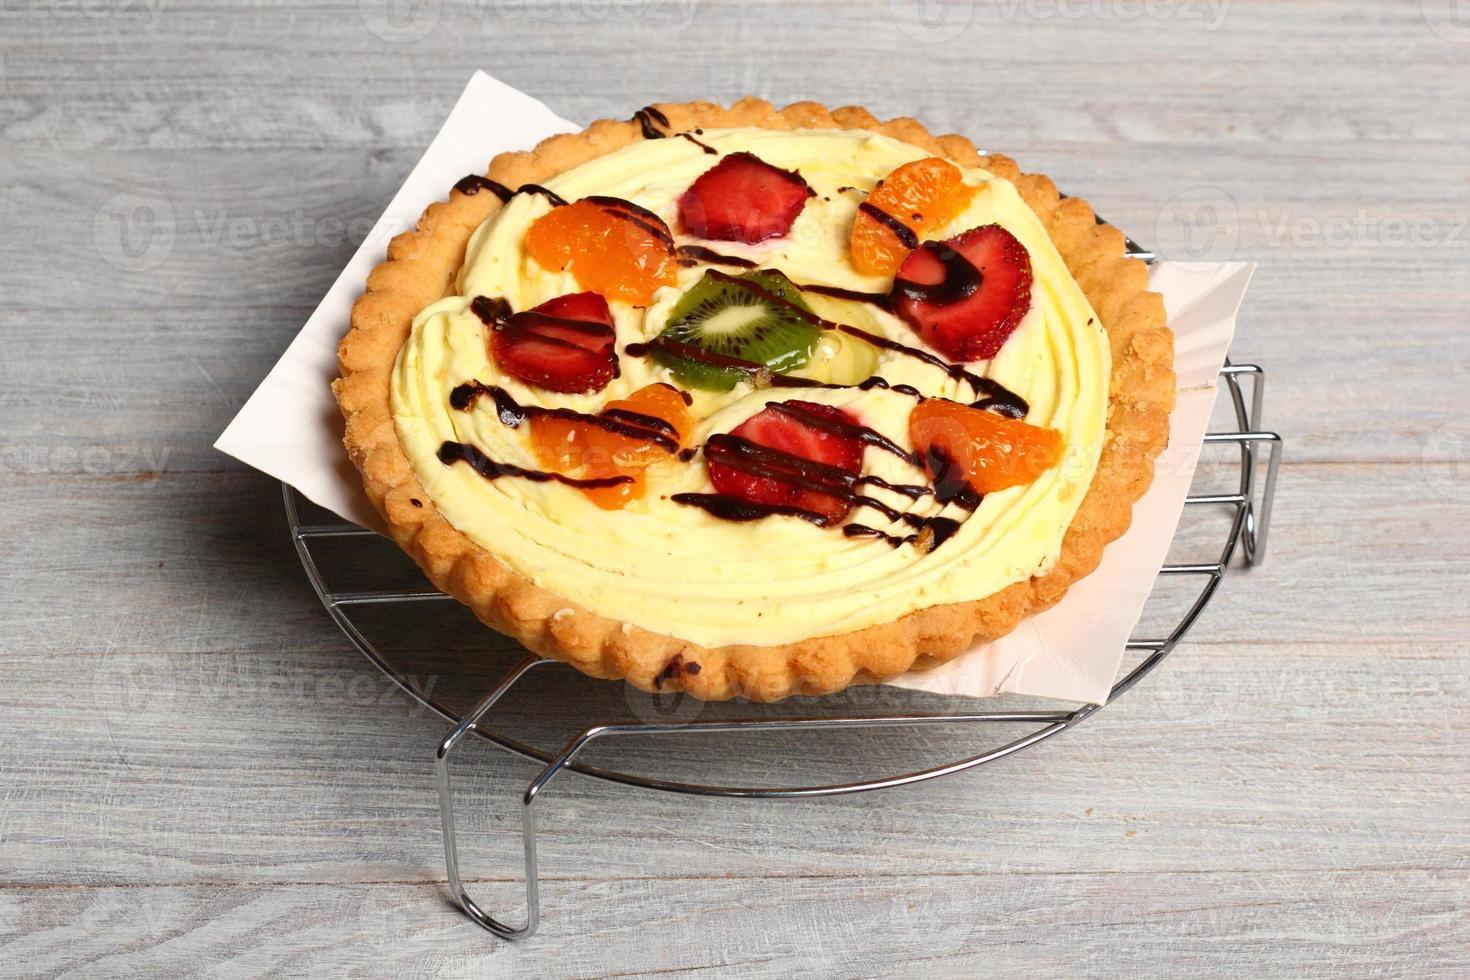 tarta de frutas con crema pastelera foto